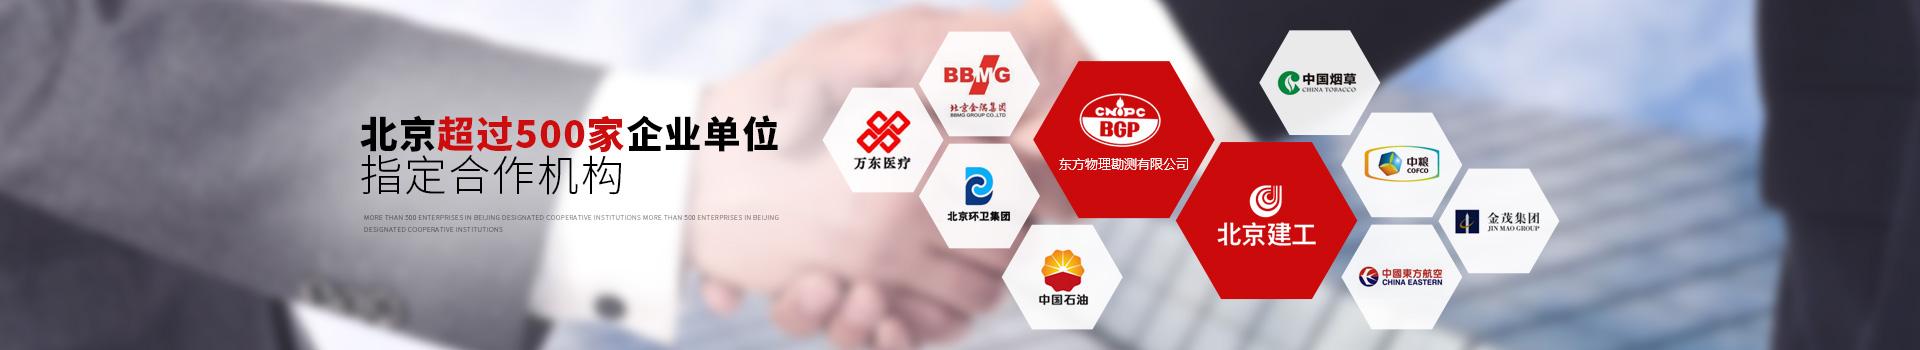 企业单位制定合作机构